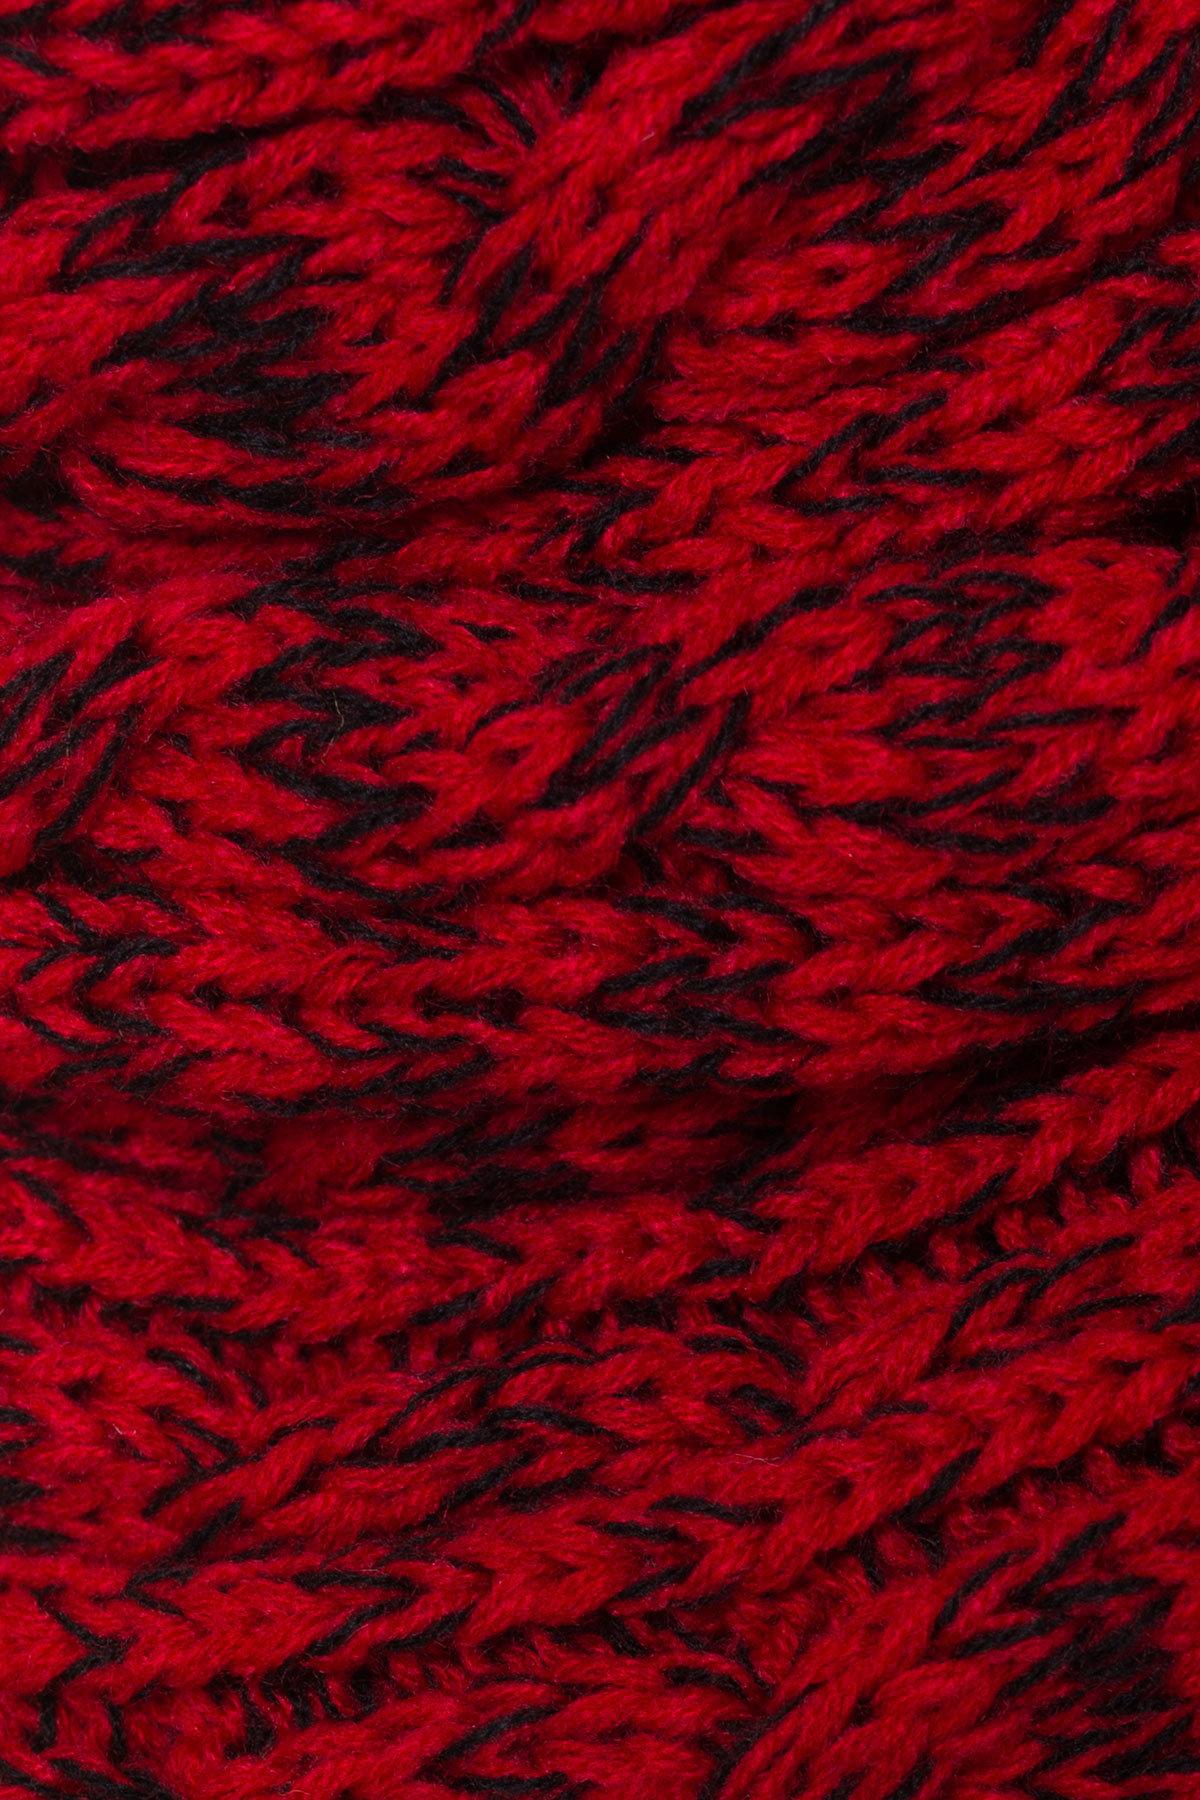 Шарф-хомут крупной вязки АРТ. 8959 Цвет: Красный/черный косы, Косы - фото 3, интернет магазин tm-modus.ru